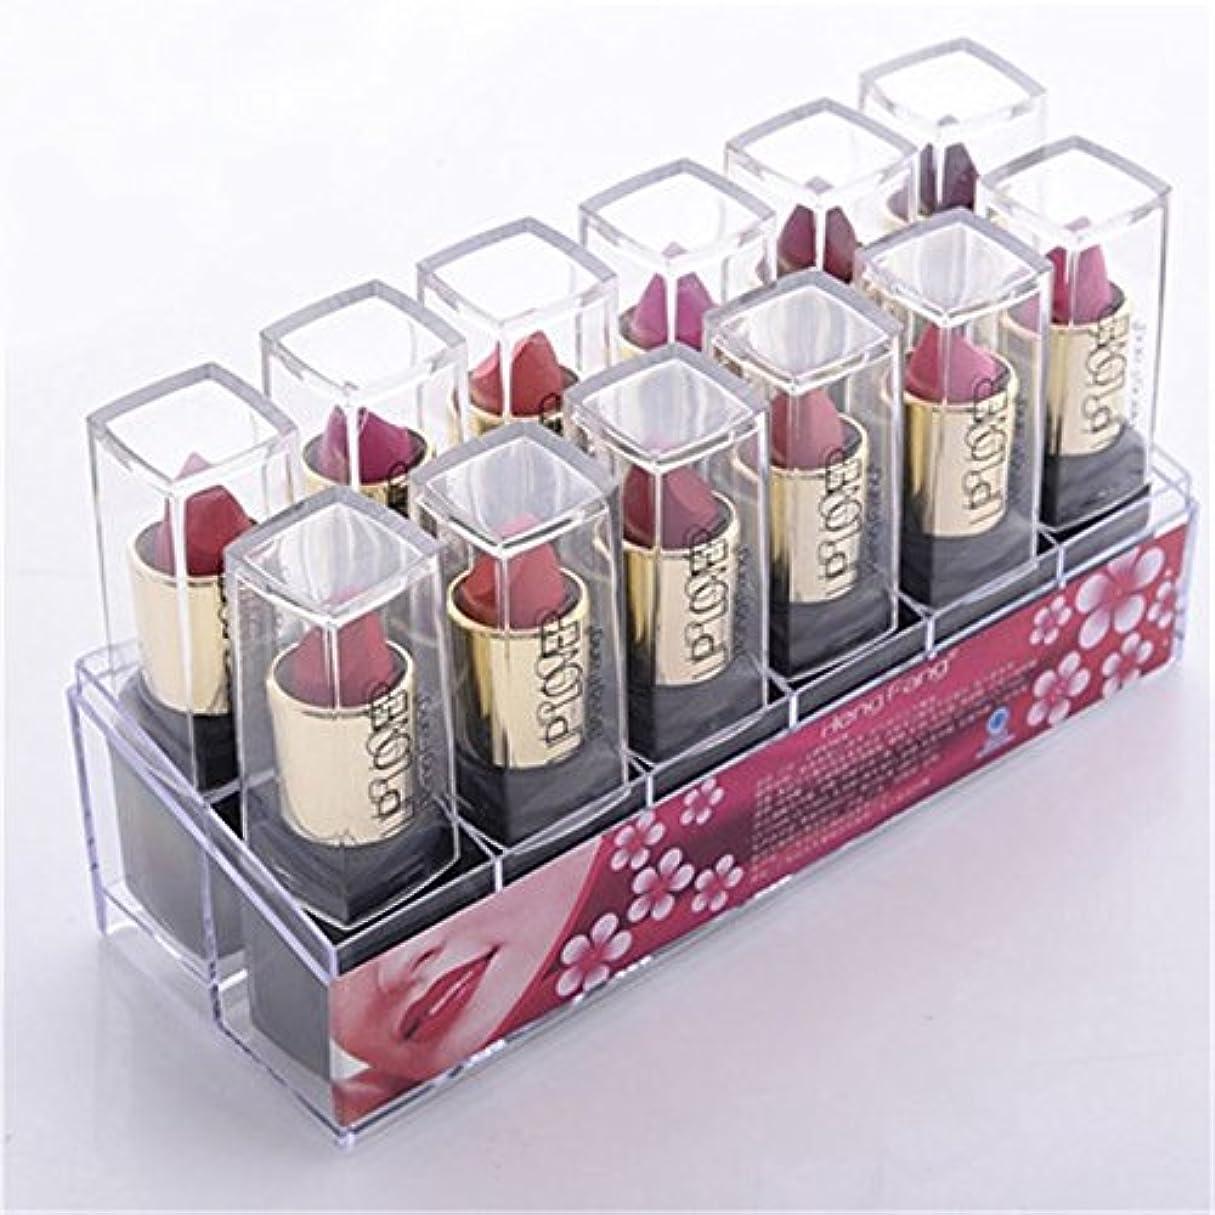 天国ガラス視力2017 New 12pcs/set Lipsticks Sex Nude Lip Matte Kits Long Lasting Waterproof Pigment Matte Makeup Lipstick Set...